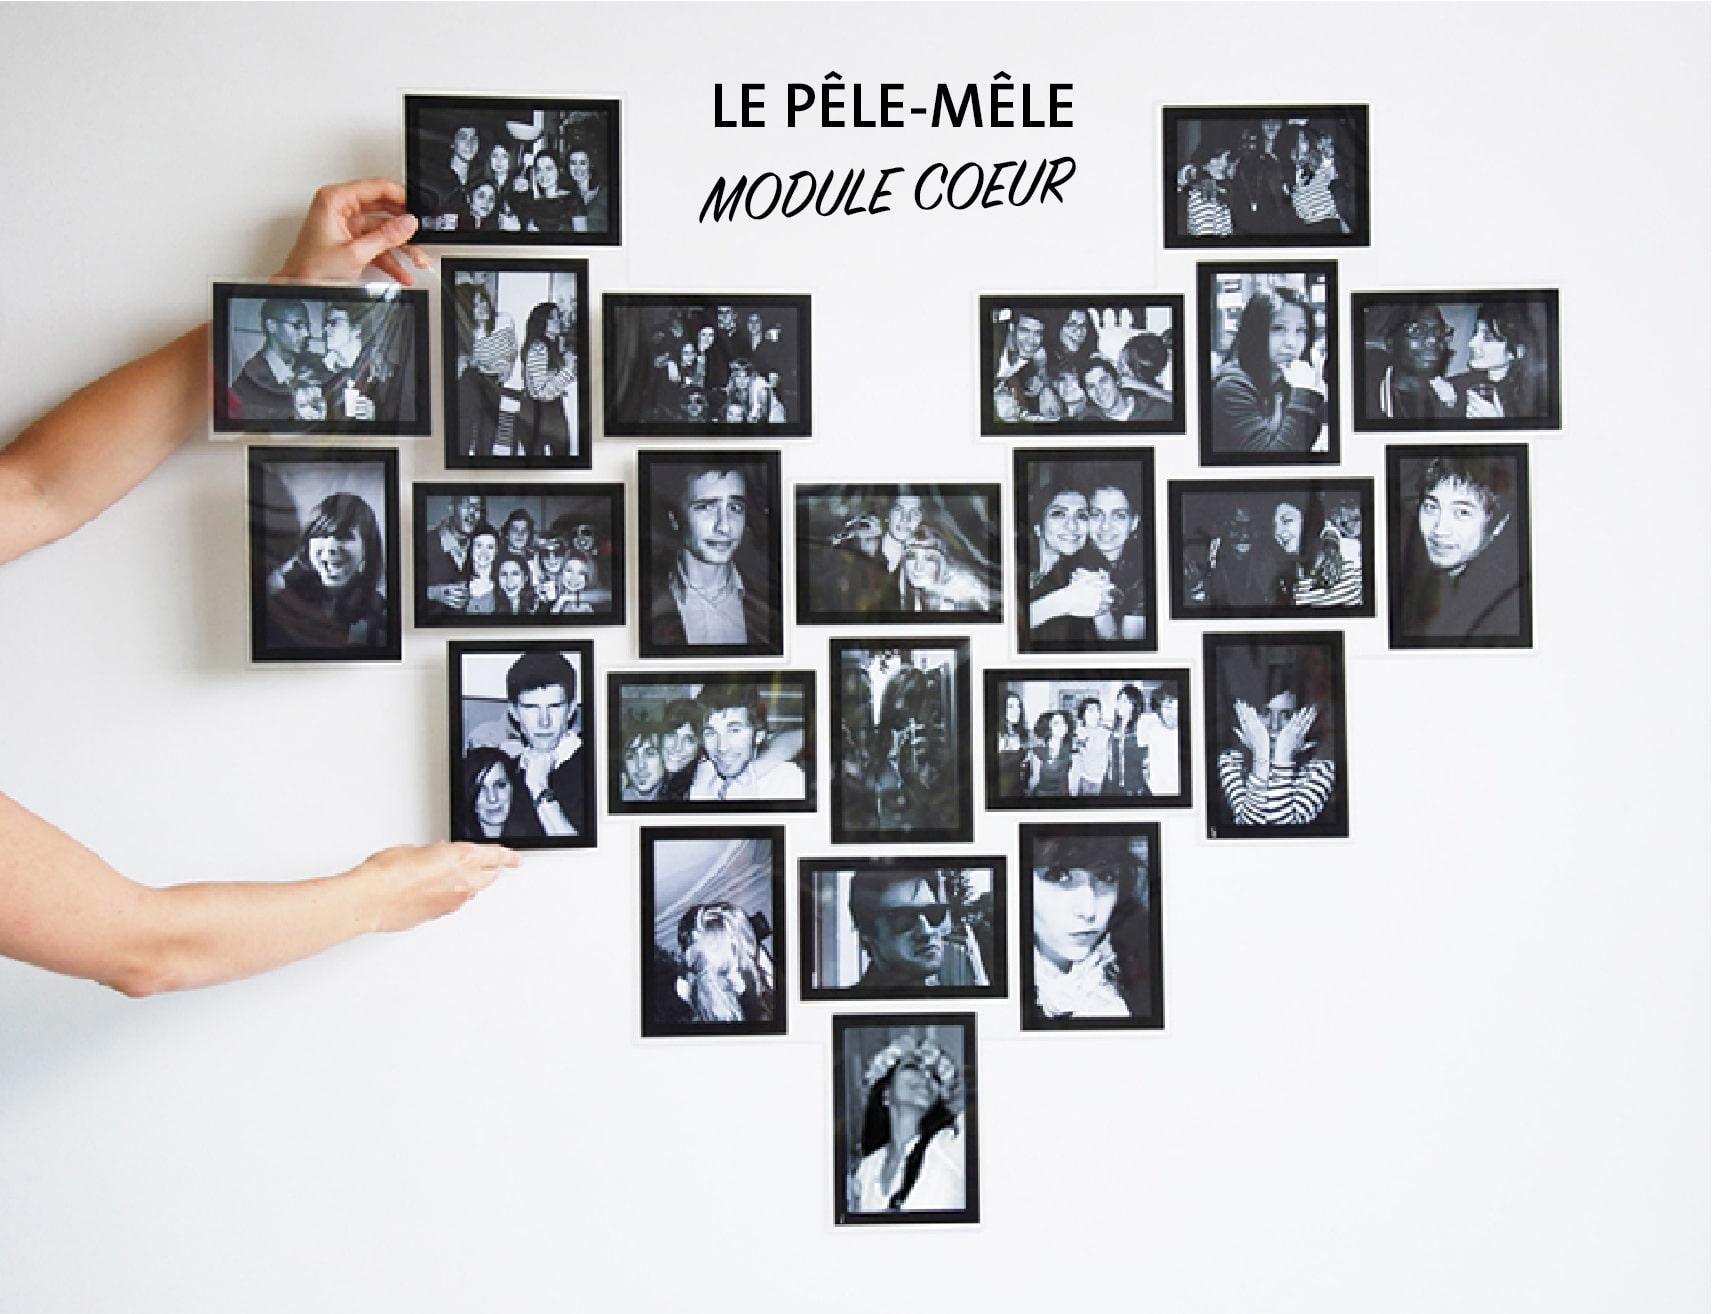 pele-mele-24-photos-coeur-slimpyx-sans-trouer